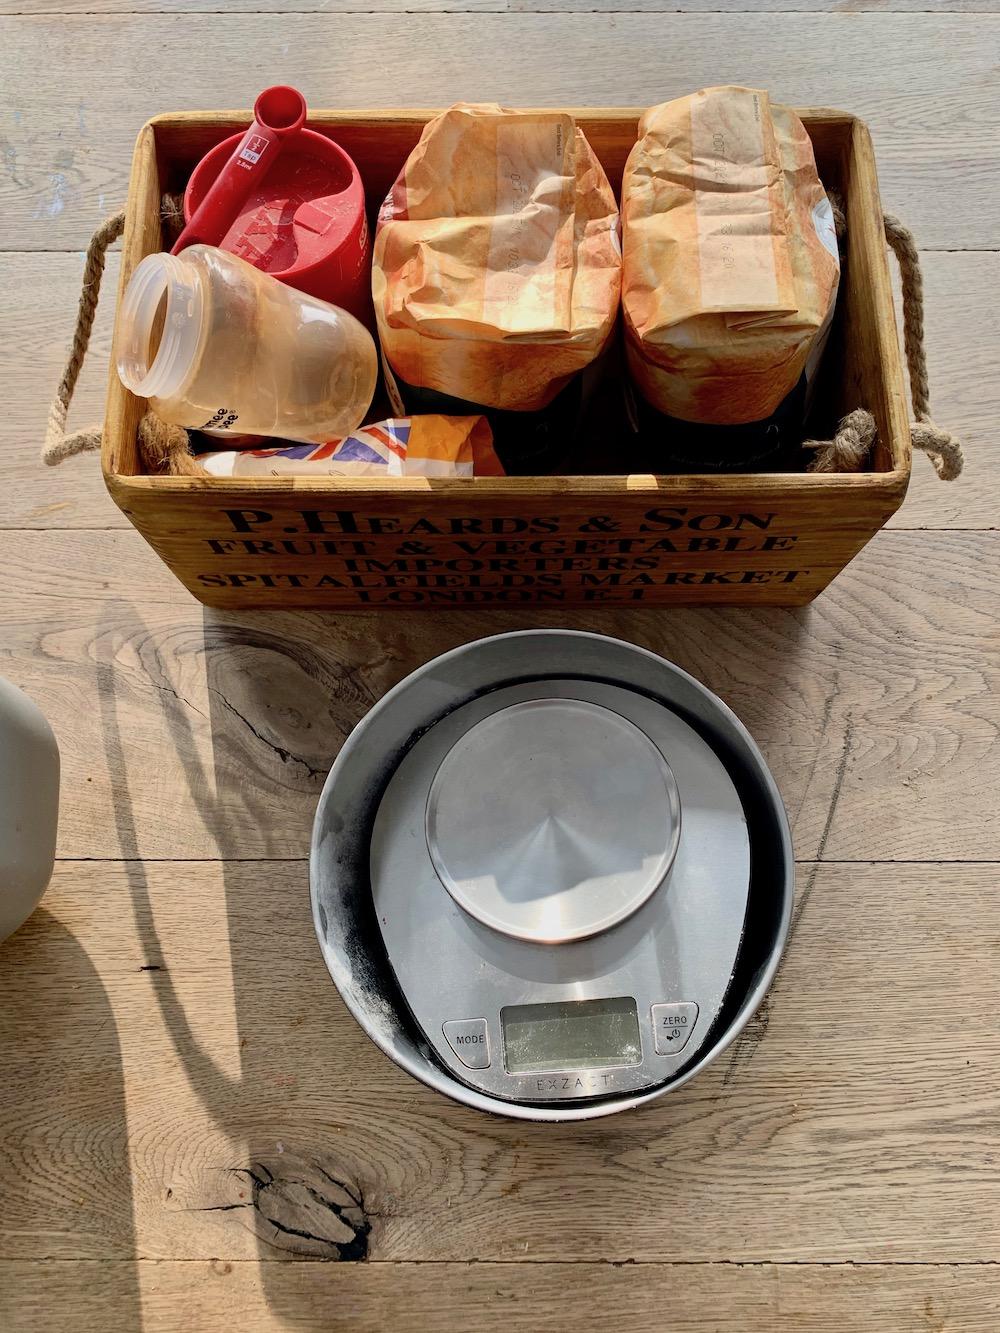 Recipe for bread in a bread maker